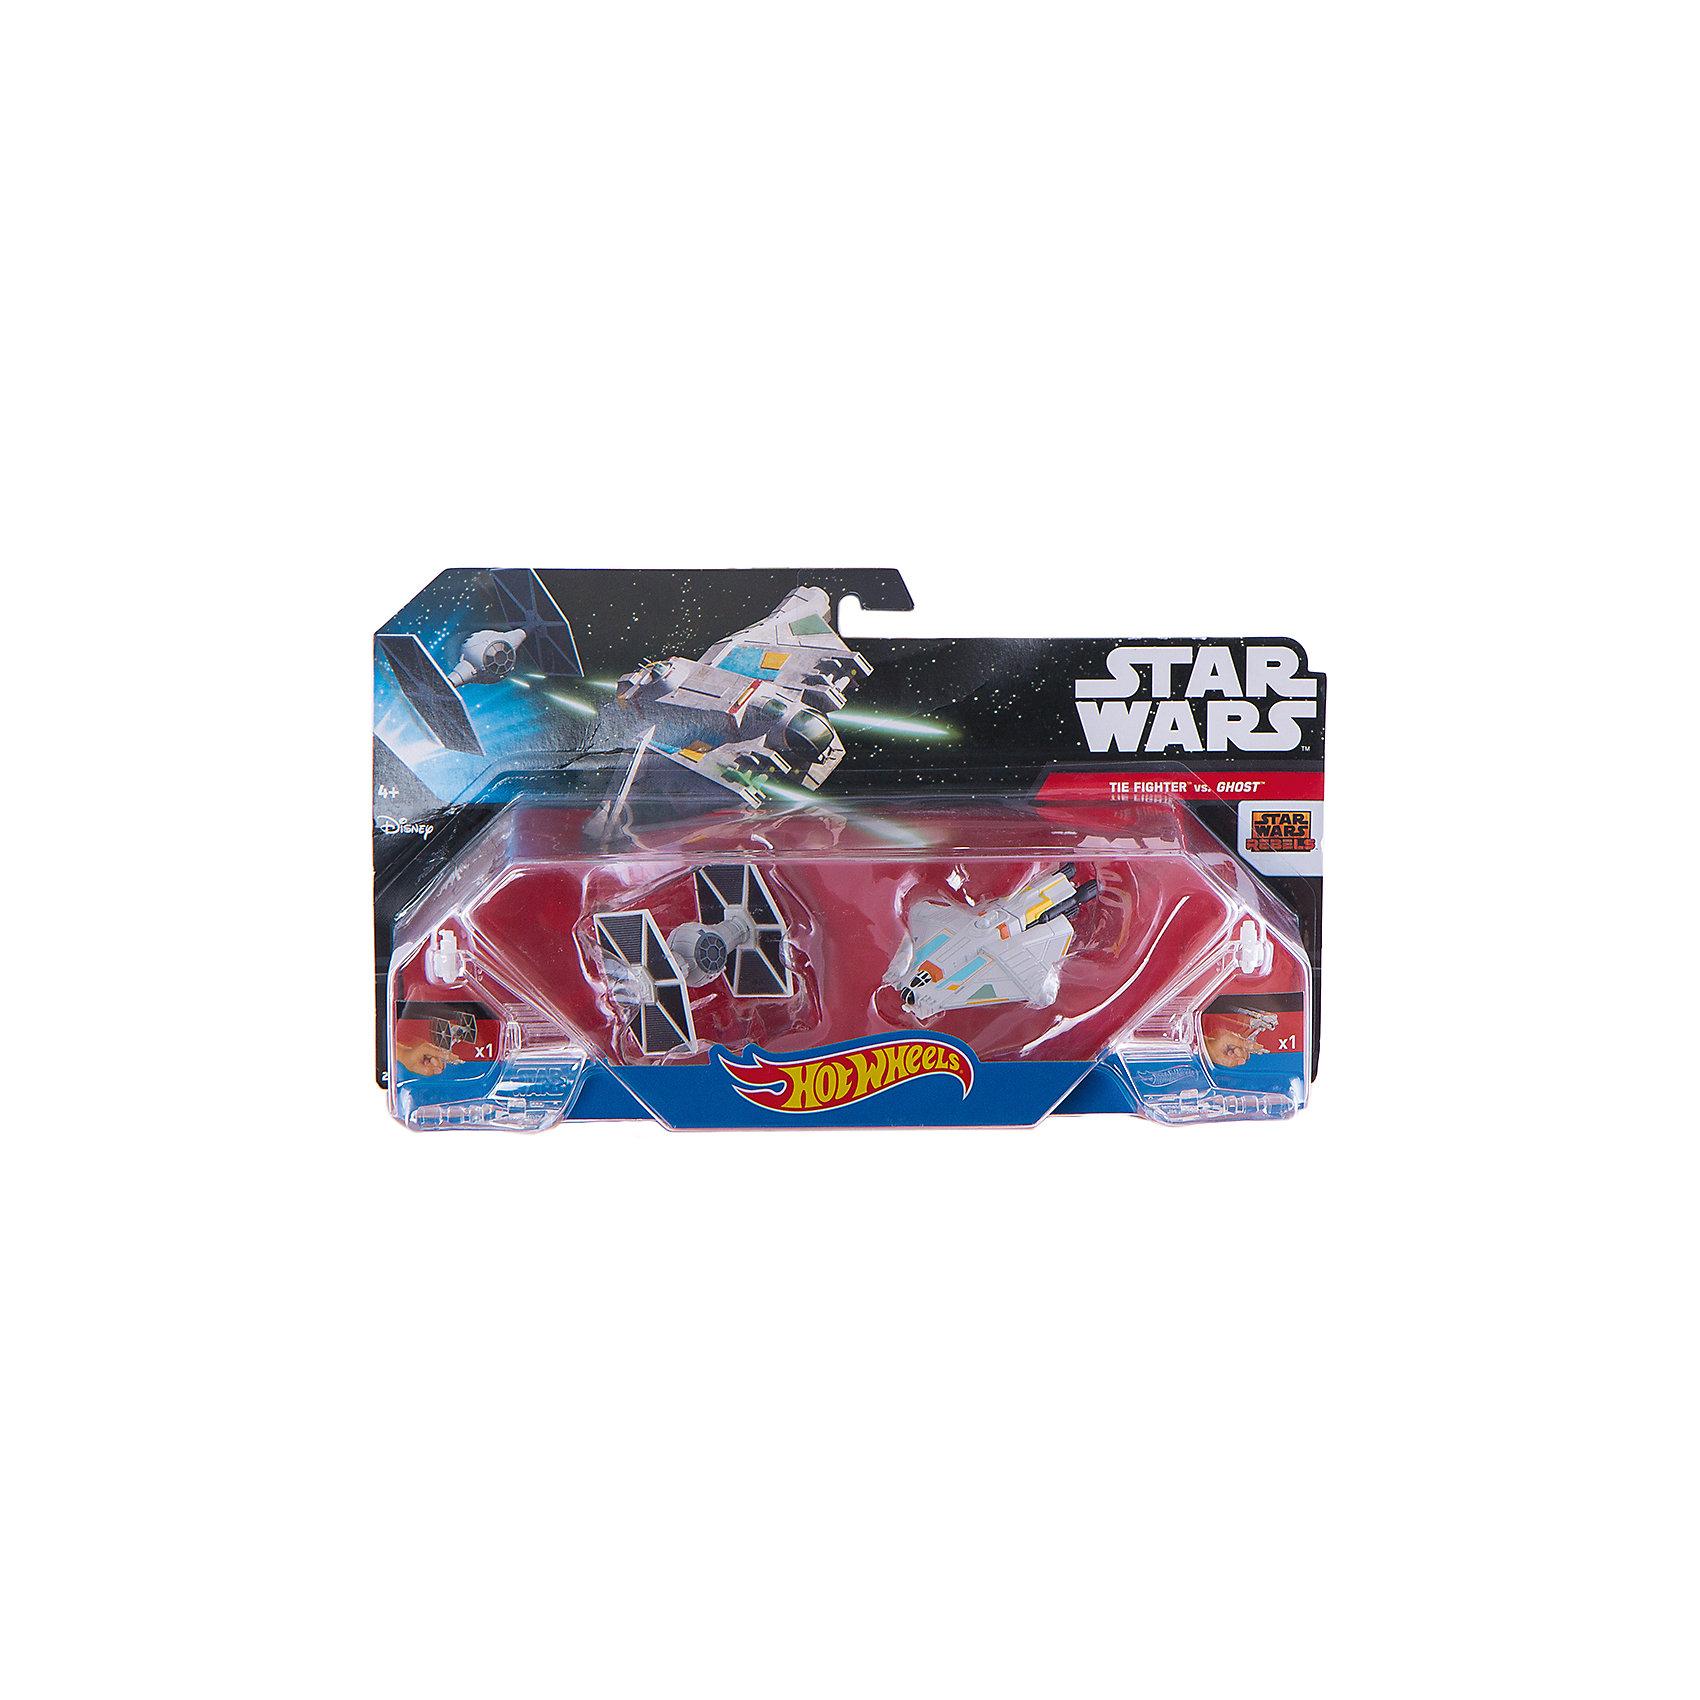 Набор из 2-х Звездных кораблей, Hot WheelsНадевайте на руку устройство Flight Navigator и запускайте корабли в полет по комнате, прямо как в гиперпространстве, или устраивайте яростные космические сражения. Flight Navigator можно также использовать как подставку для игрушек.<br>Звездолеты совместимы с игровыми наборами Hot Wheels Star Wars, (продаются отдельно) что позволяет построить свою галактику. <br><br>Дополнительная информация:<br><br>- Материал: пластик.<br>- Размер упаковки: 30х6х16,5 см.<br>- Не совместимы с некоторыми наборами Hot Wheels.<br>- 2 корабля в наборе. <br><br>ВНИМАНИЕ! Данный артикул представлен в разных вариантах исполнения. К сожалению, заранее выбрать определенный вариант невозможно. <br><br>Набор из 2-х Звездных кораблей, Hot Wheels можно купить в нашем магазине.<br><br>Ширина мм: 300<br>Глубина мм: 60<br>Высота мм: 165<br>Вес г: 300<br>Возраст от месяцев: 48<br>Возраст до месяцев: 108<br>Пол: Мужской<br>Возраст: Детский<br>SKU: 4217494